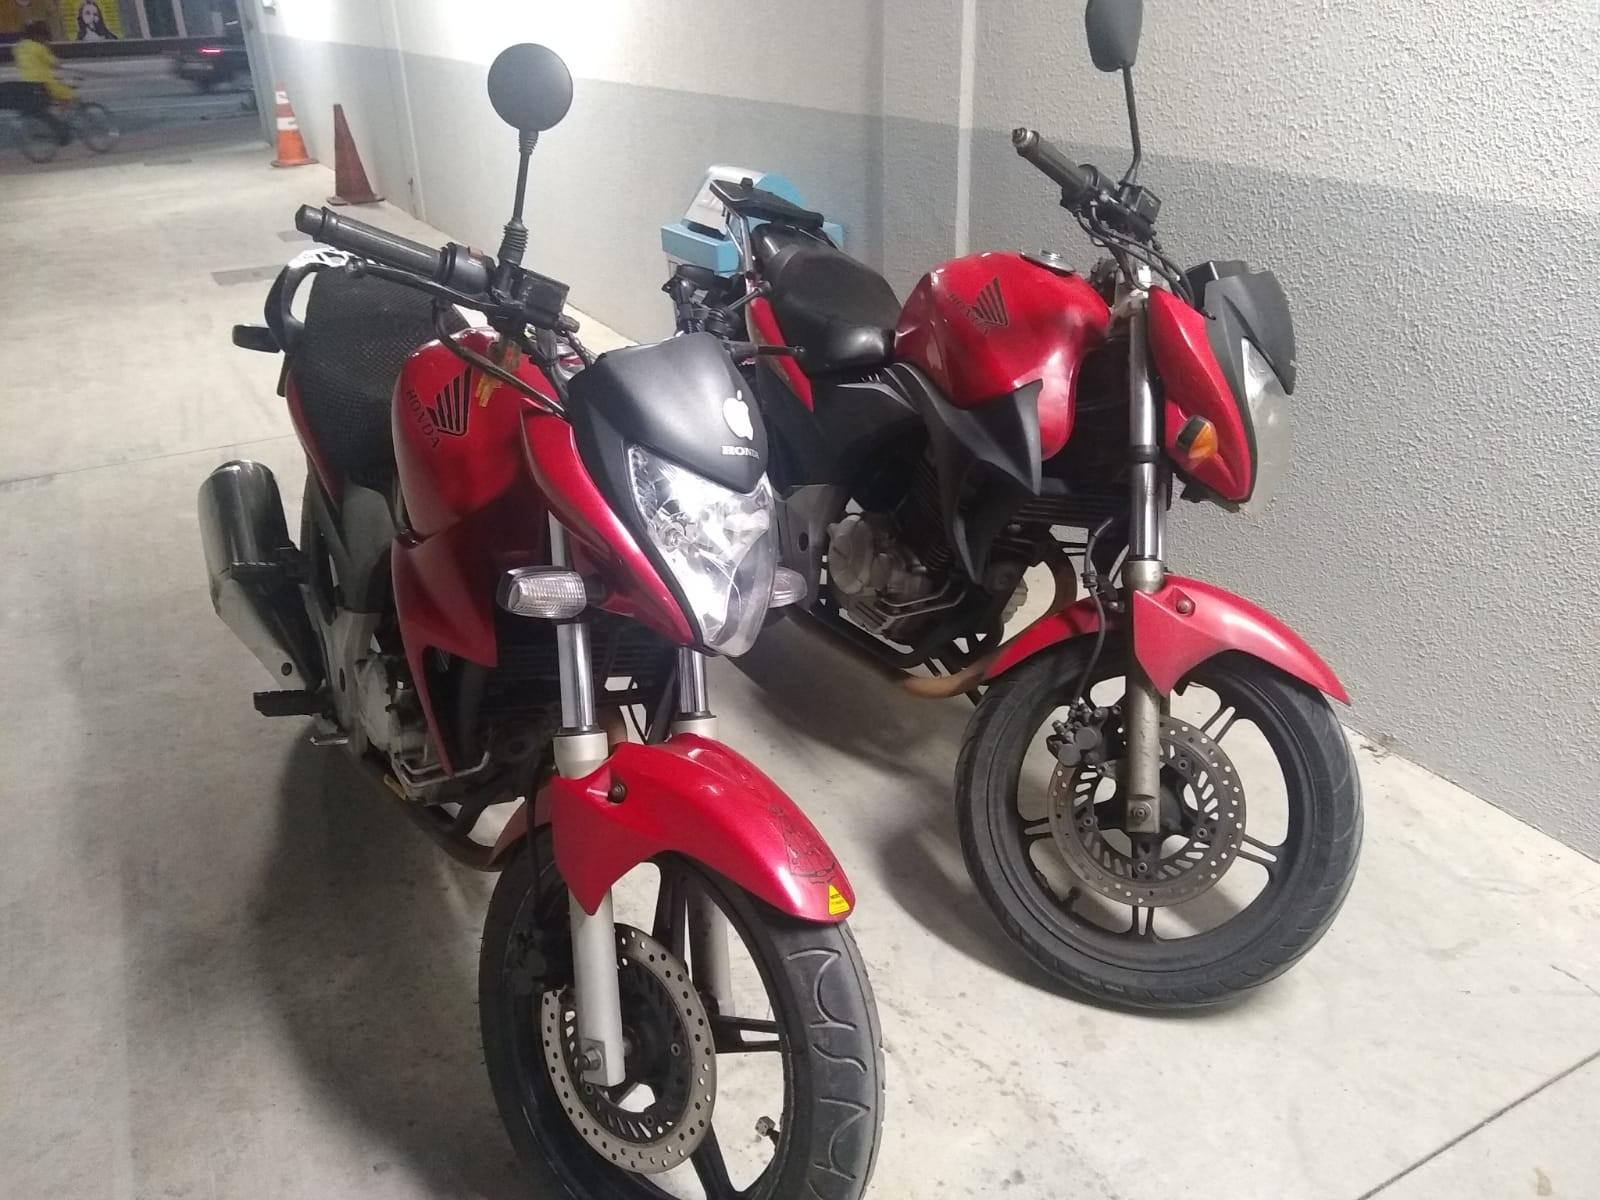 PM é suspeito de usar moto 'dublê' após vítima notar multas que não cometeu em SP